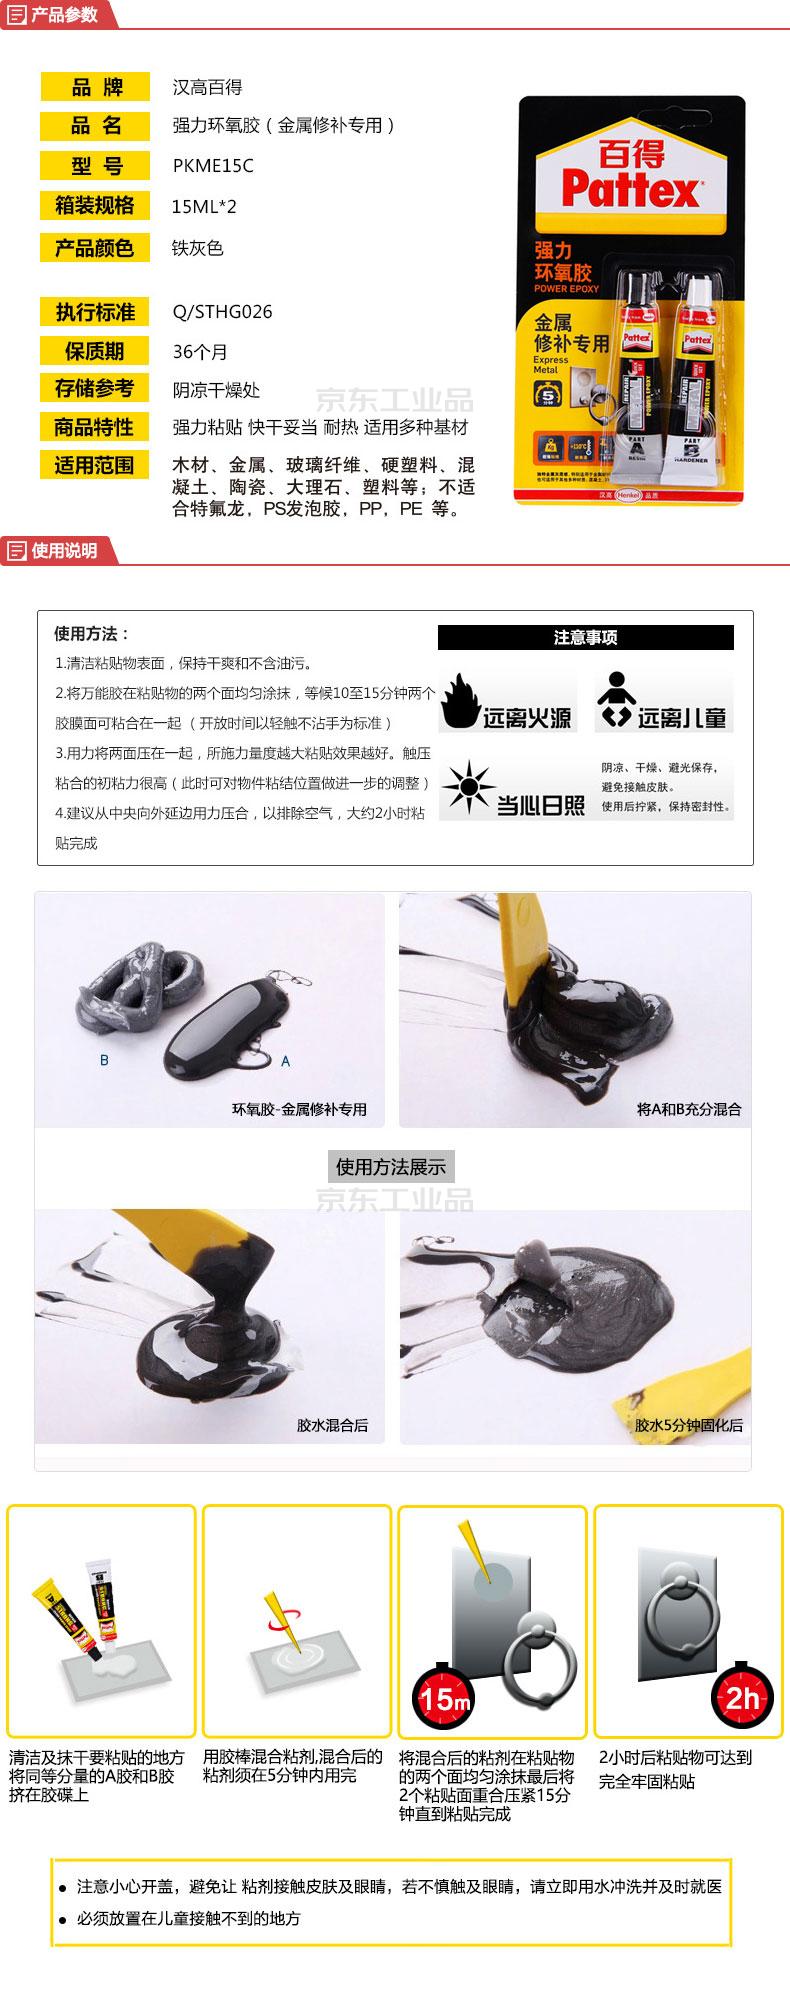 汉高 百得(Pattex)强力环氧胶金属修补专用15ml*2,2个/卡;PKME15C